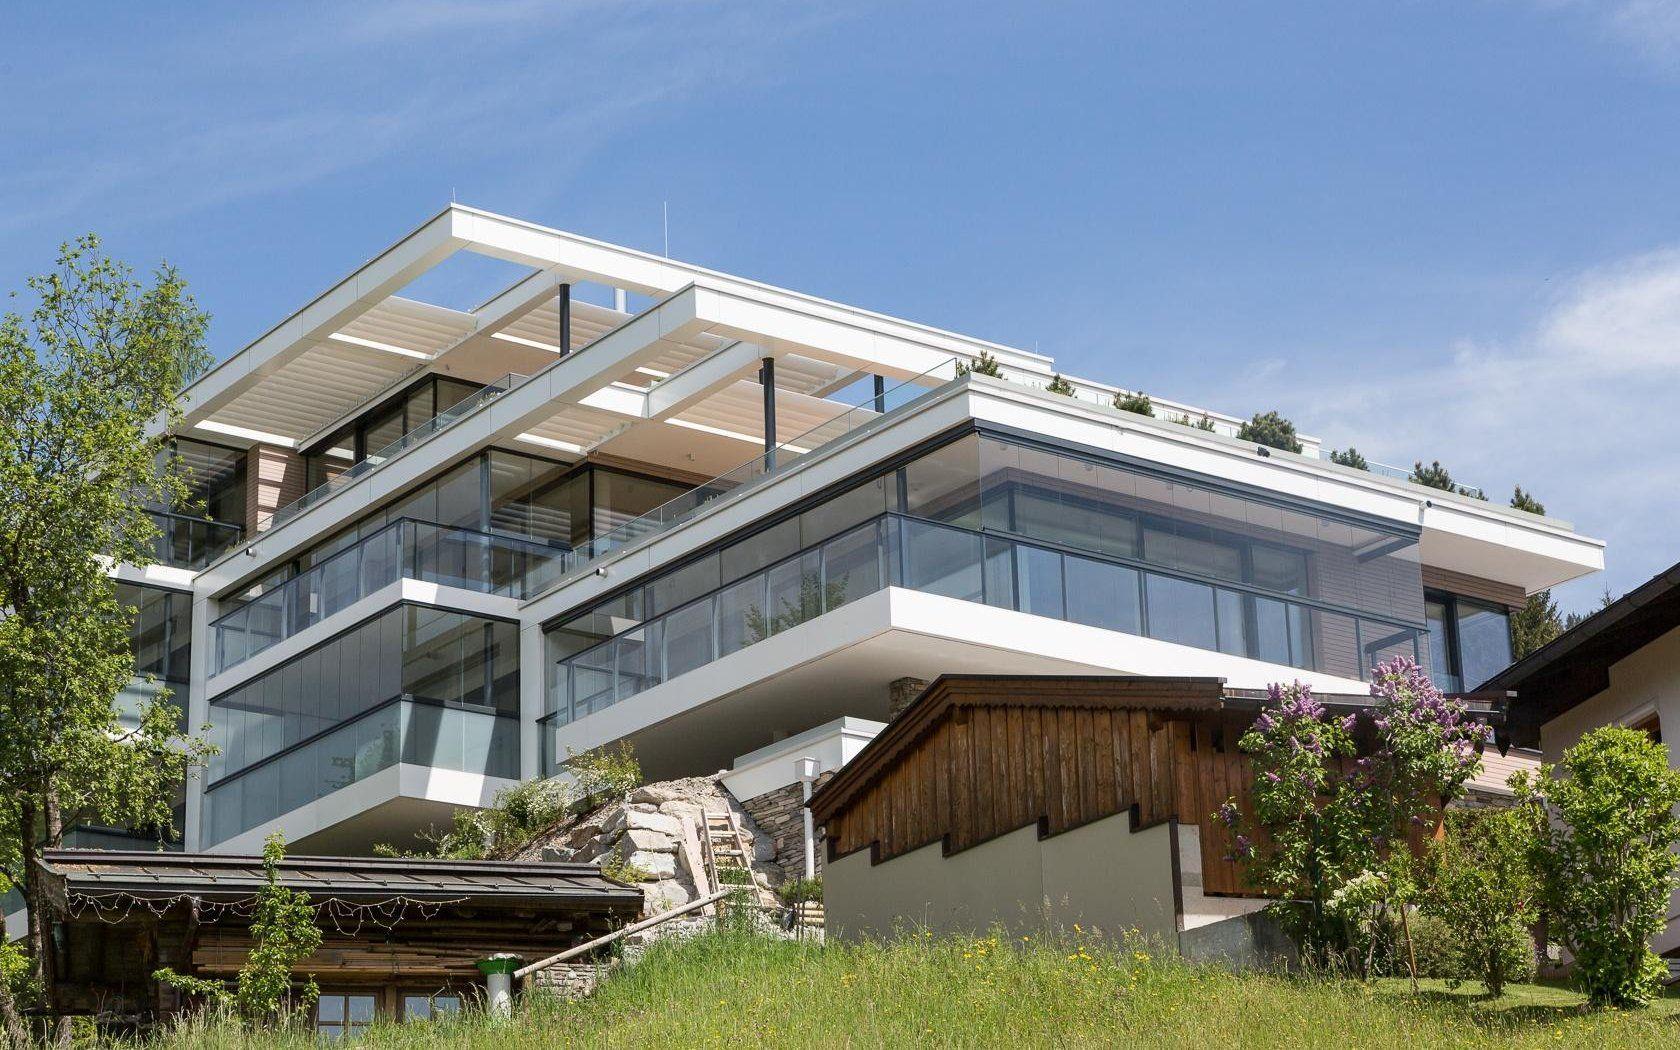 modernes terrassenhaus mit viel glas und licht moderne h user pinterest haus moderne. Black Bedroom Furniture Sets. Home Design Ideas